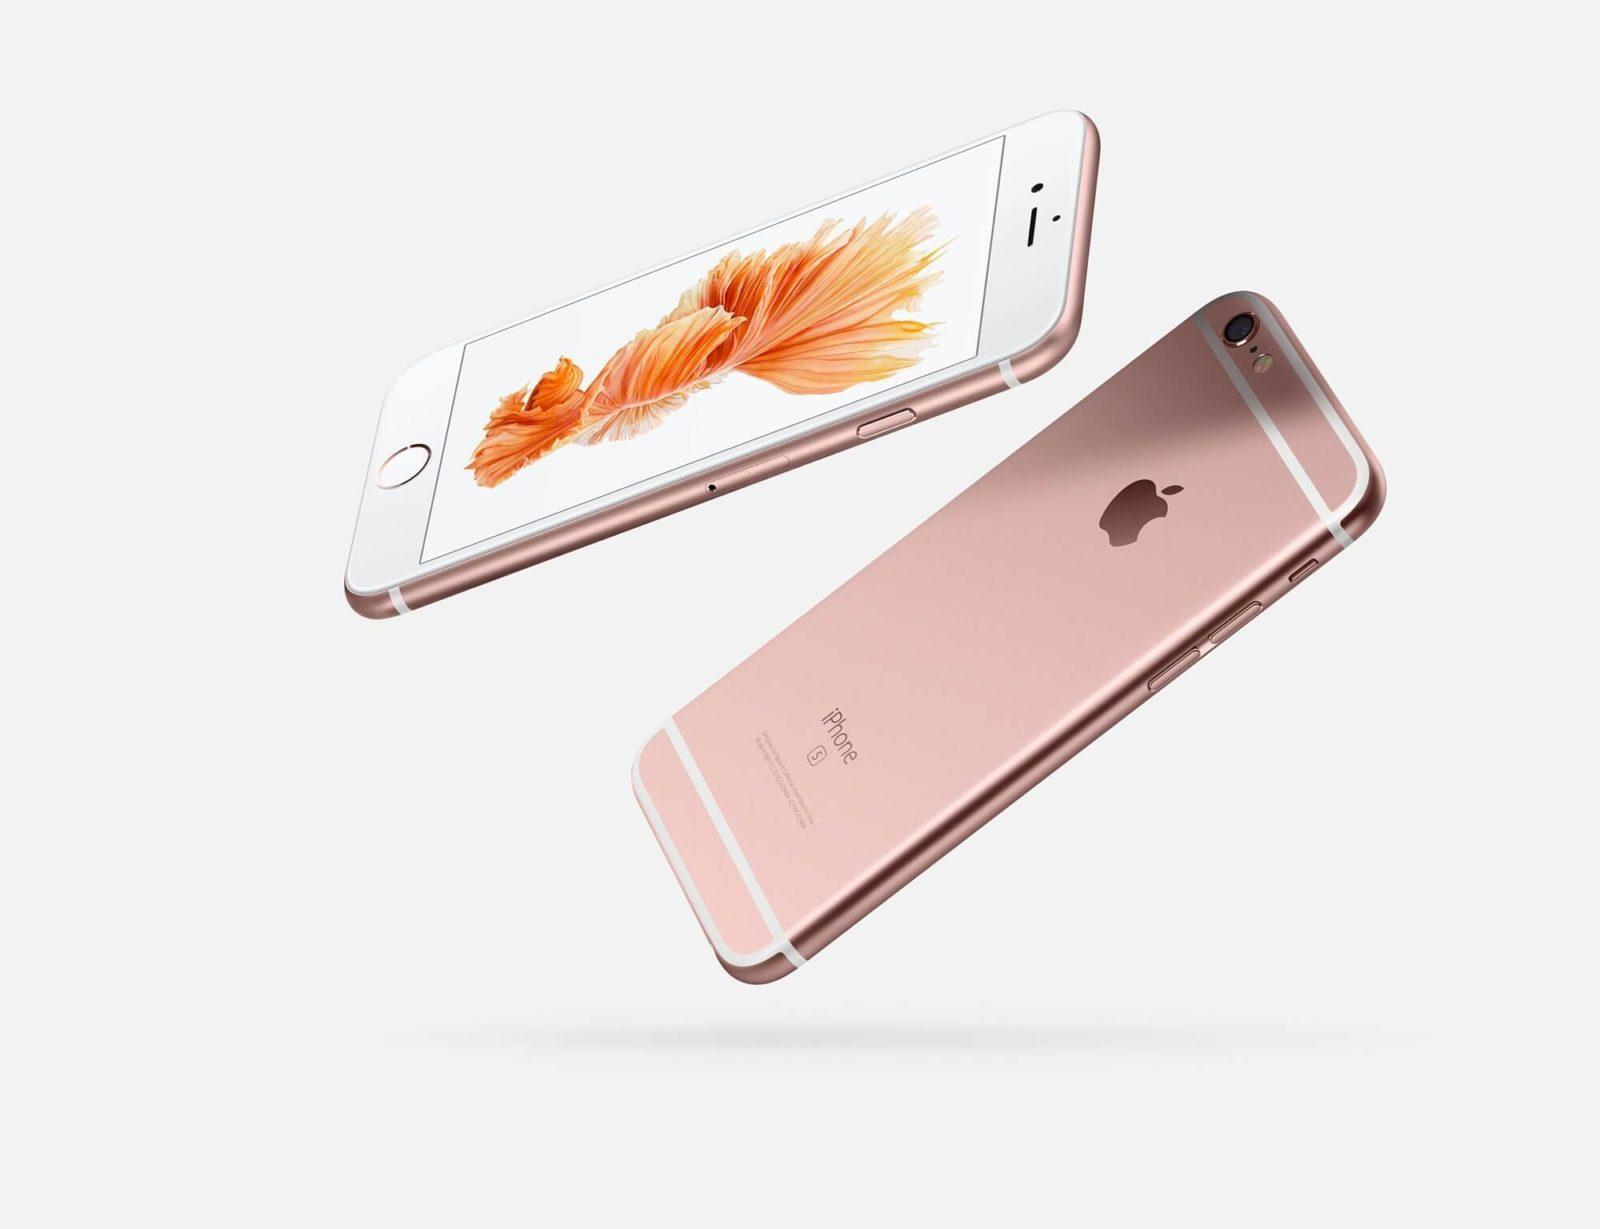 İPhone 6s fiyatı ve özellikleri açıklandı!